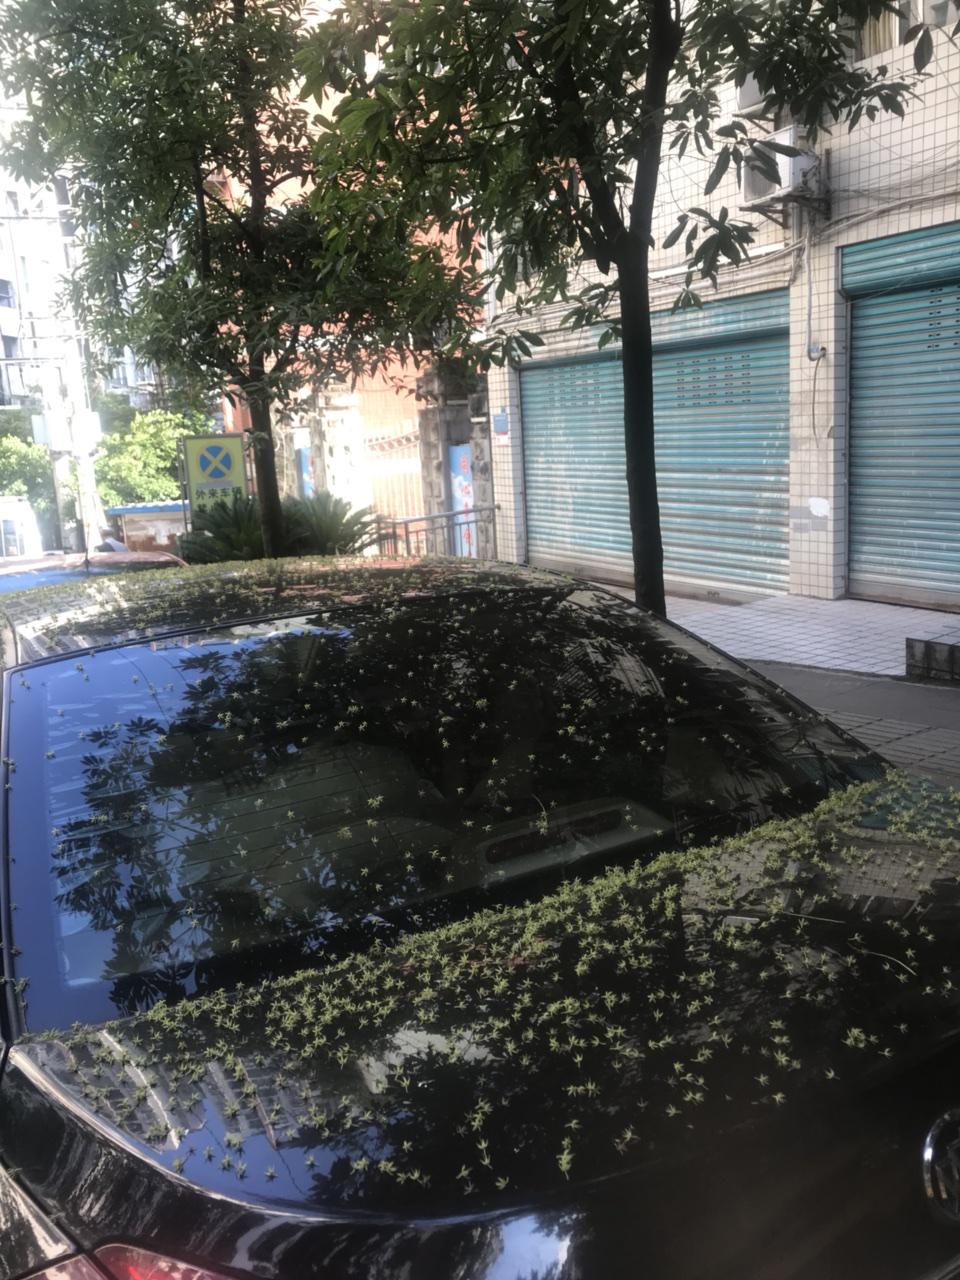 不晓得当初是哪个拍脑门作的决定用这种树做行道树,落得满车不说,风一吹,到处都是,不仅污染环境还给环卫